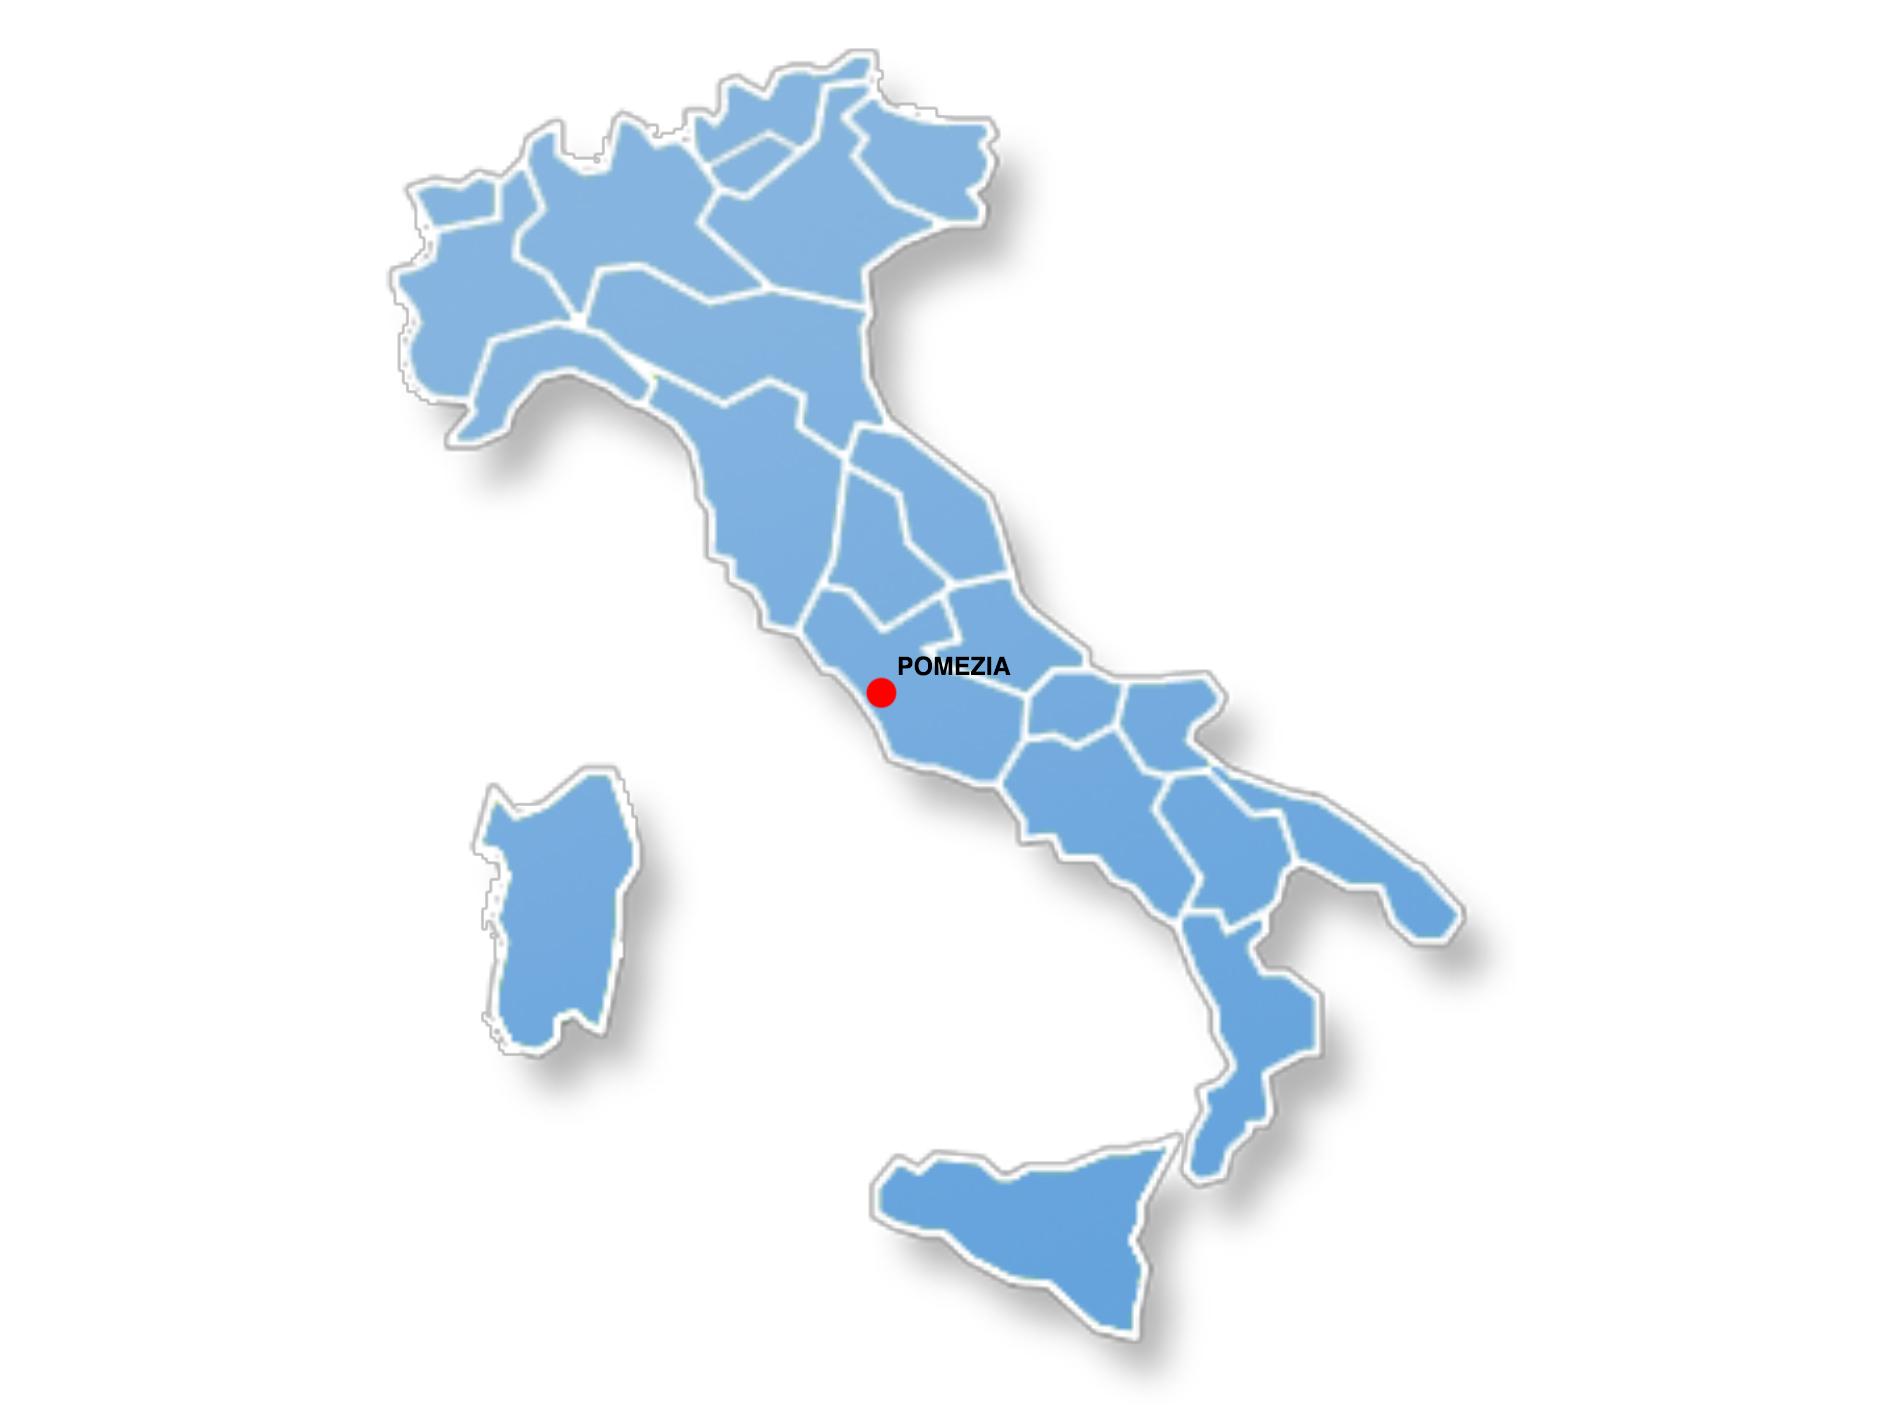 CARTINA ITALIA PER SITO